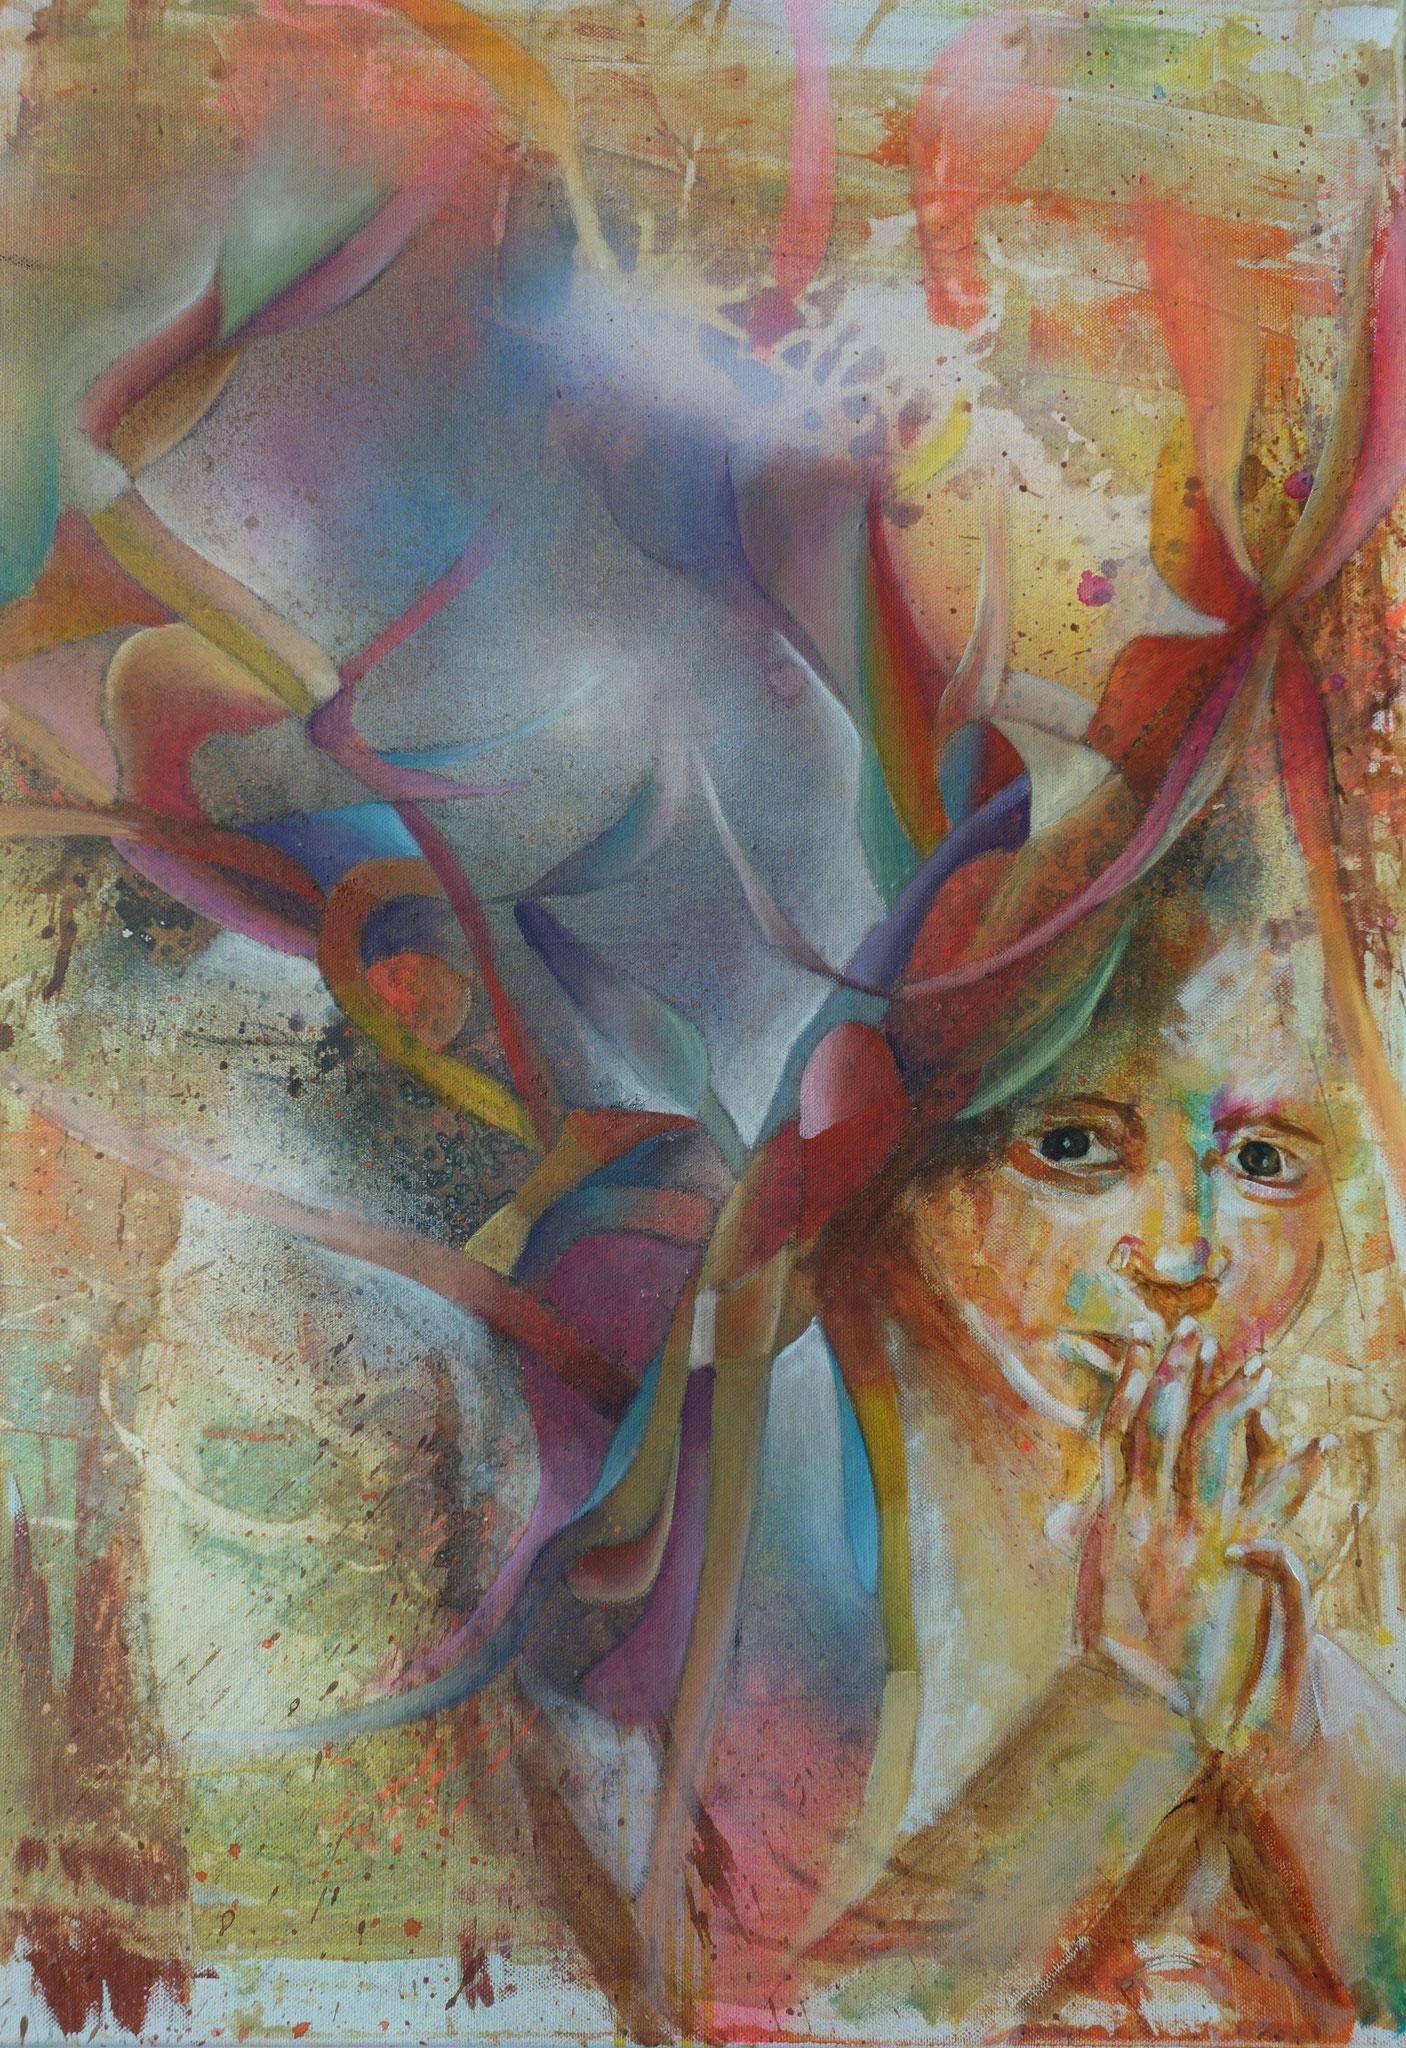 Sueños a colores I, 2015, 60 x 80 cm, Acrílico sobre lienzo